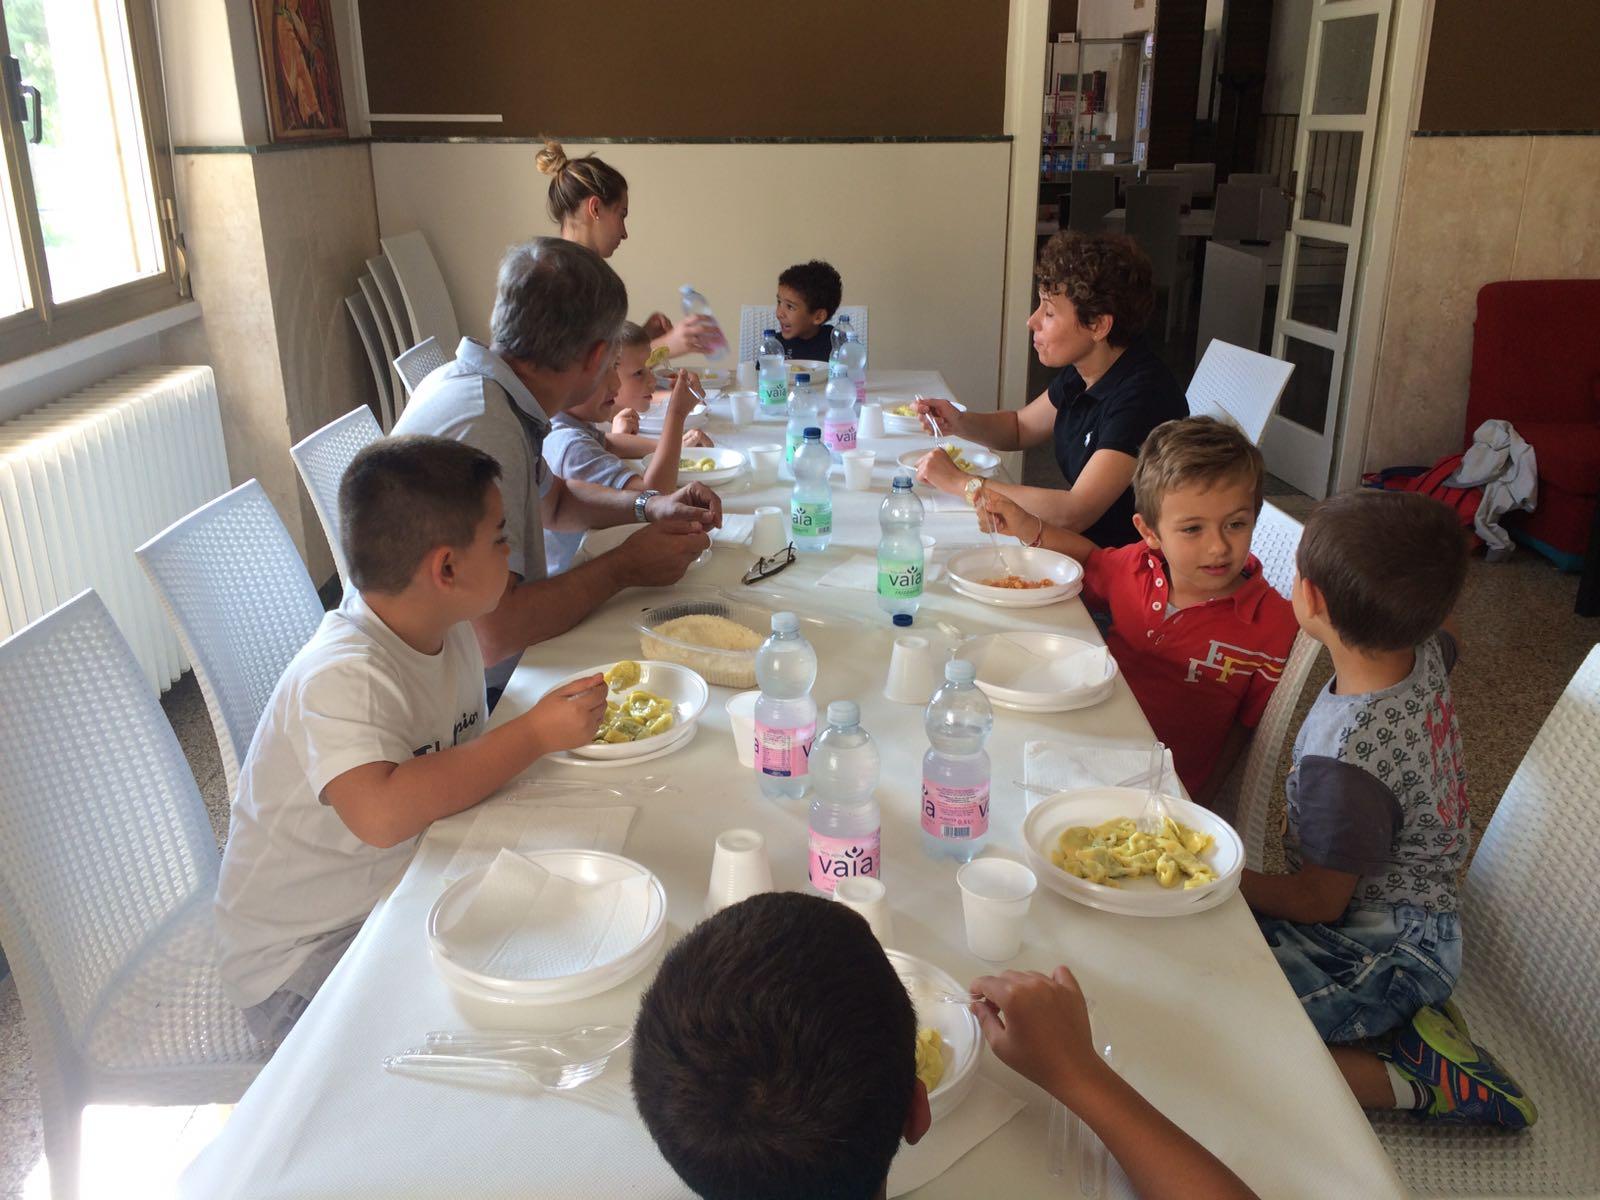 A pranzo con un ospite d'eccezione!